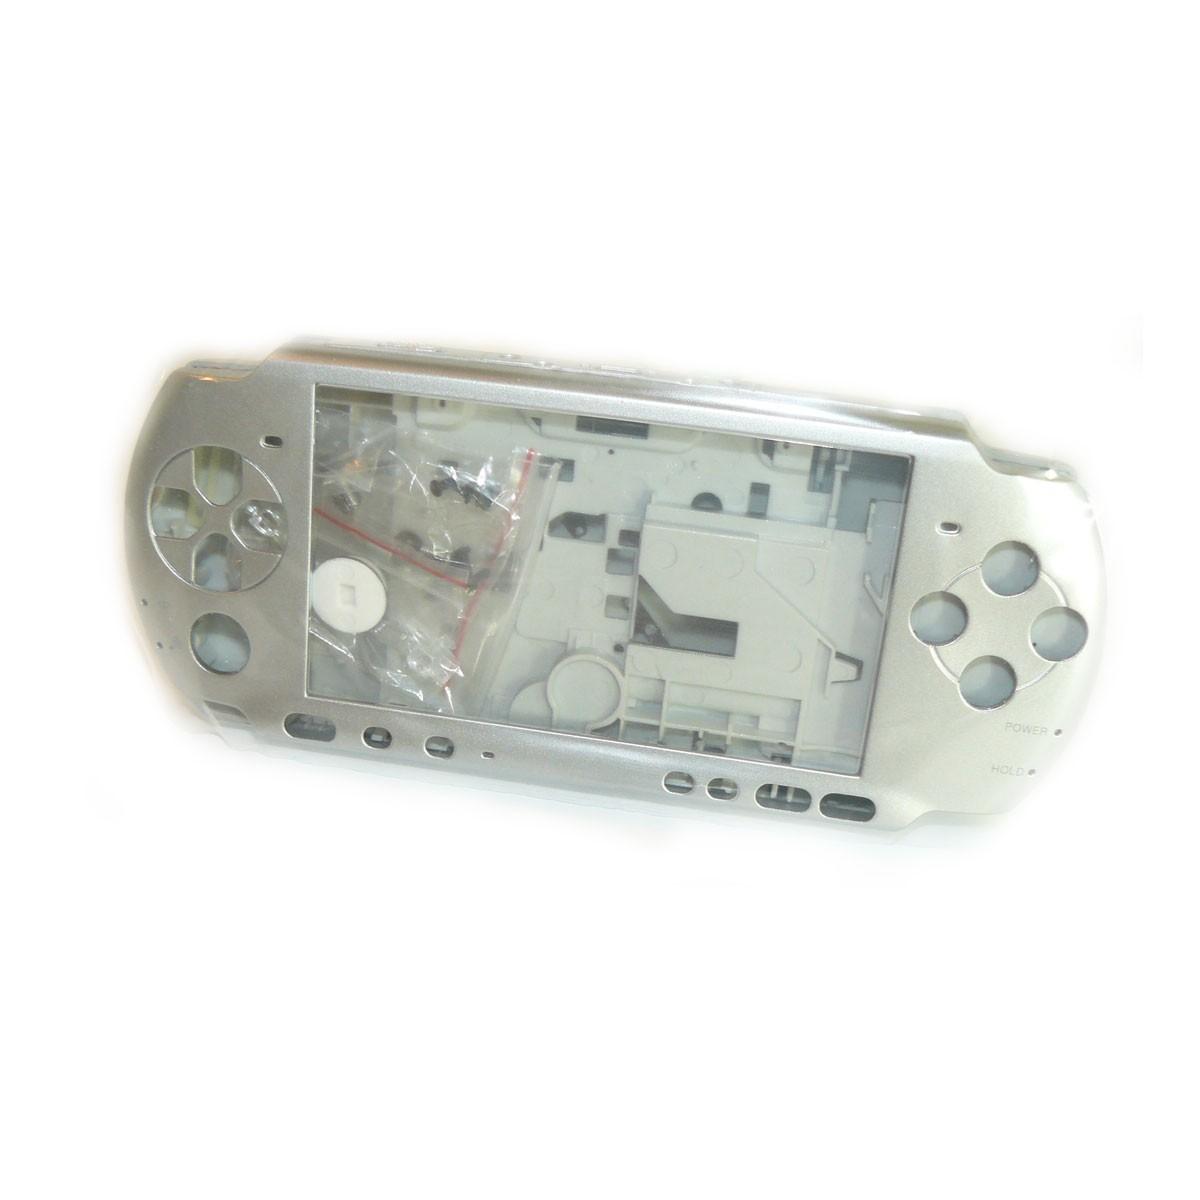 psp3000-carcasa-de-reemplazo-completa-plata-compatible-